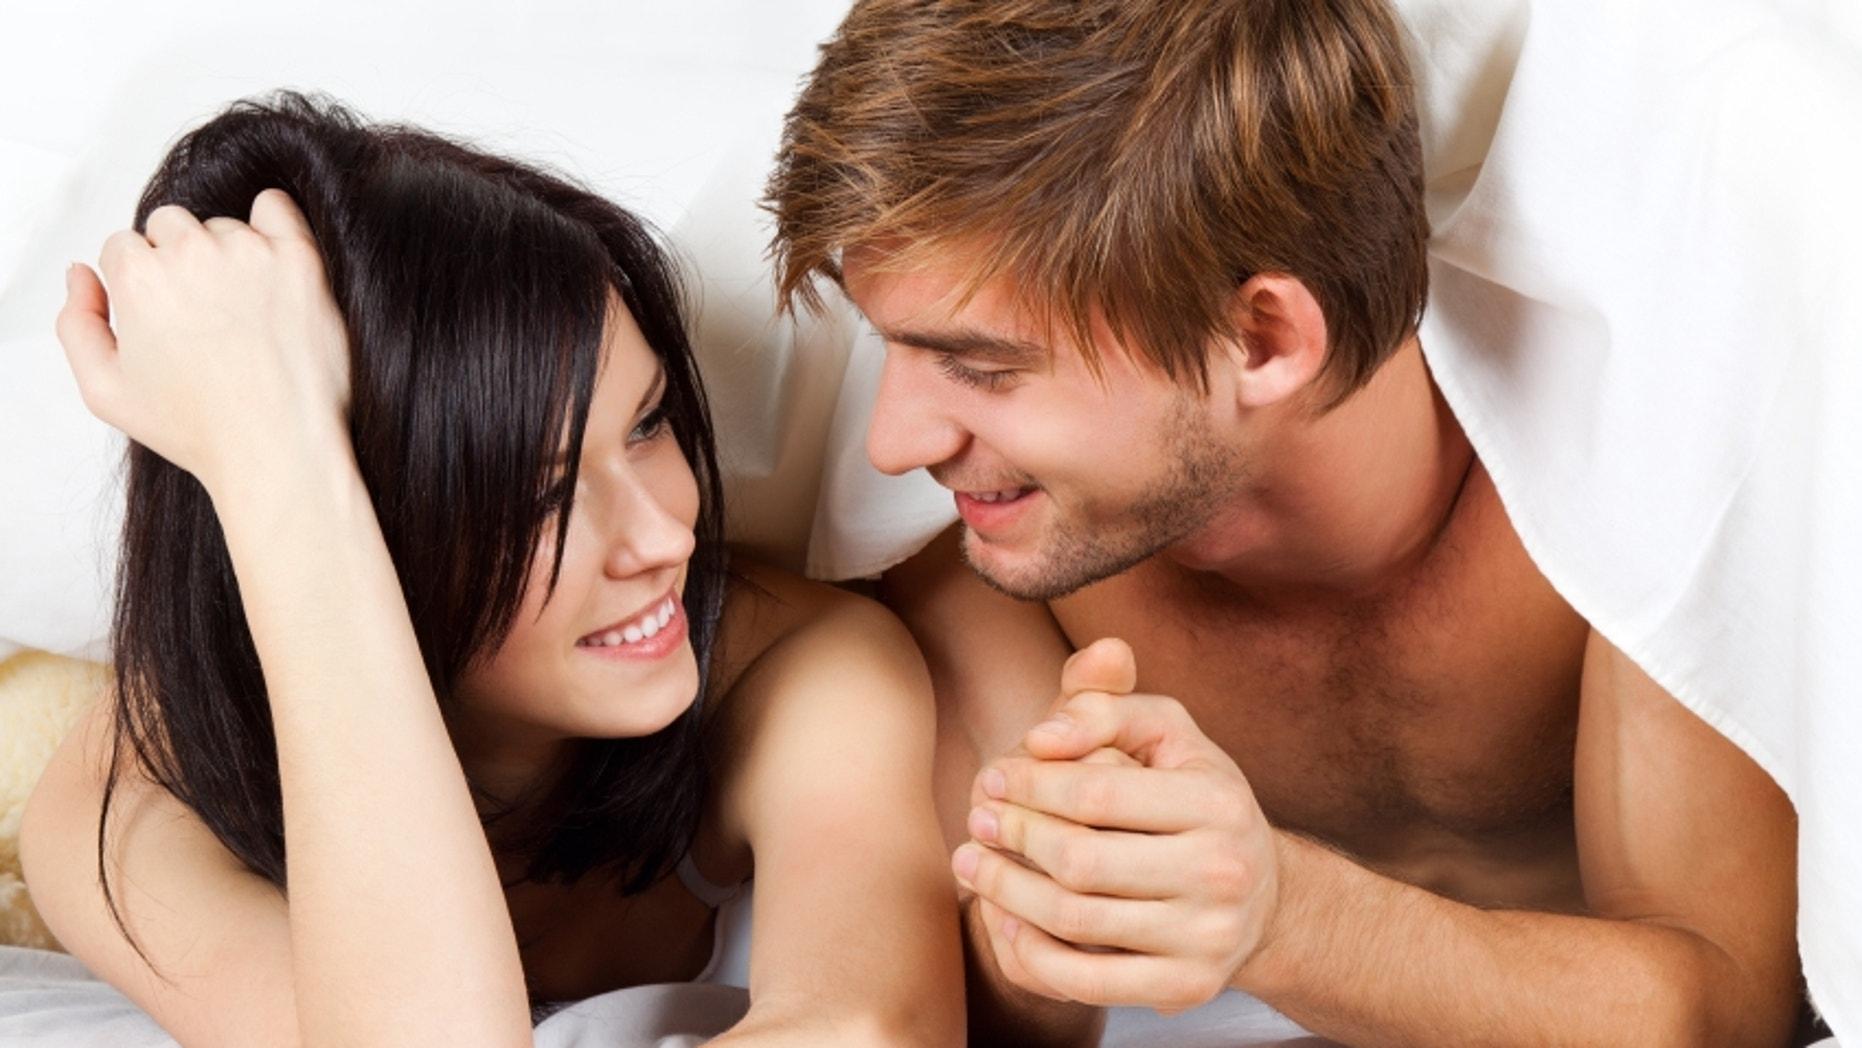 gratuit hardcore anal porno pics